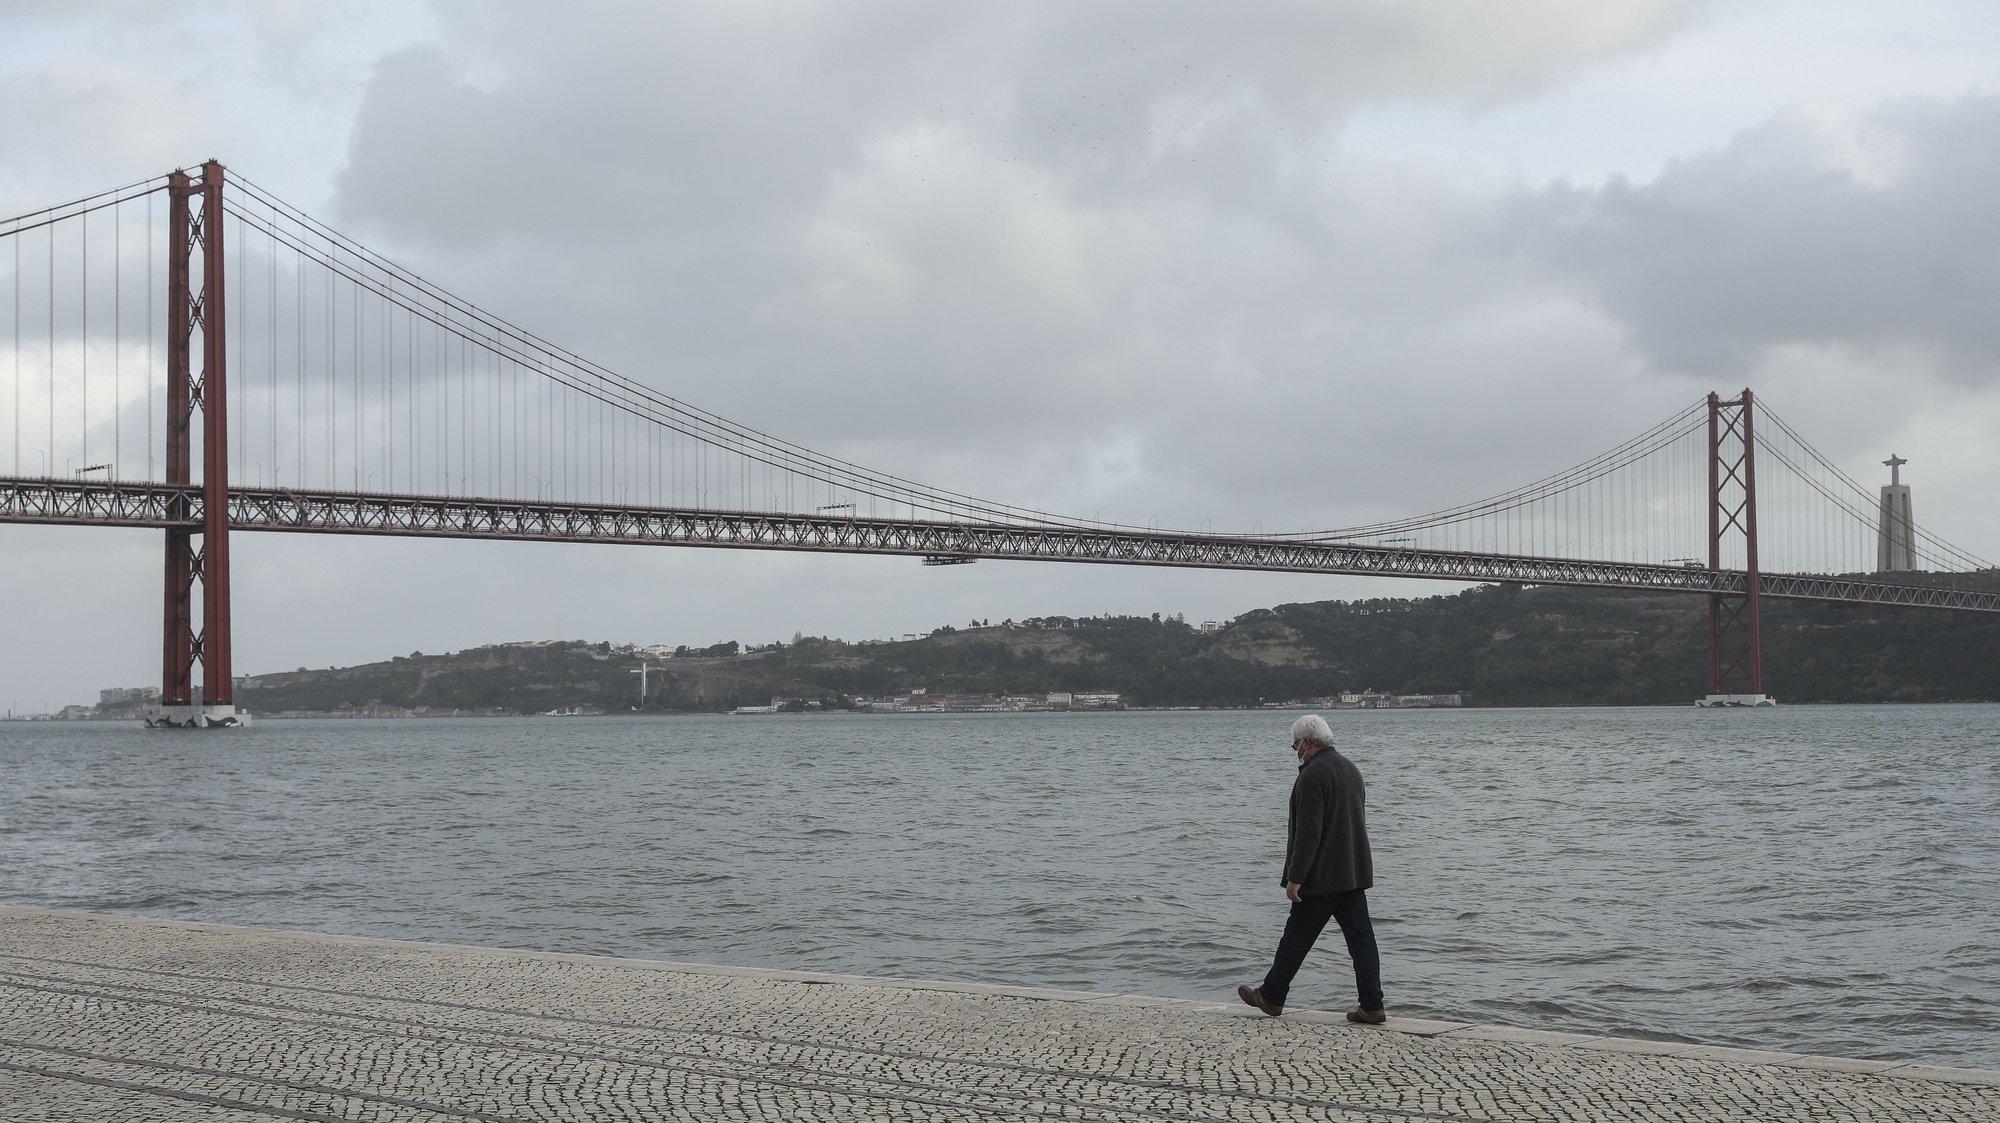 Um homem passeia junto ao rio Tejo em Lisboa, durante período com medidas de restrição impostas pelo novo confinamento, na sequência da pandemia de Covid-19, 30 de janeiro de 2021. MIGUEL A. LOPES/LUSA